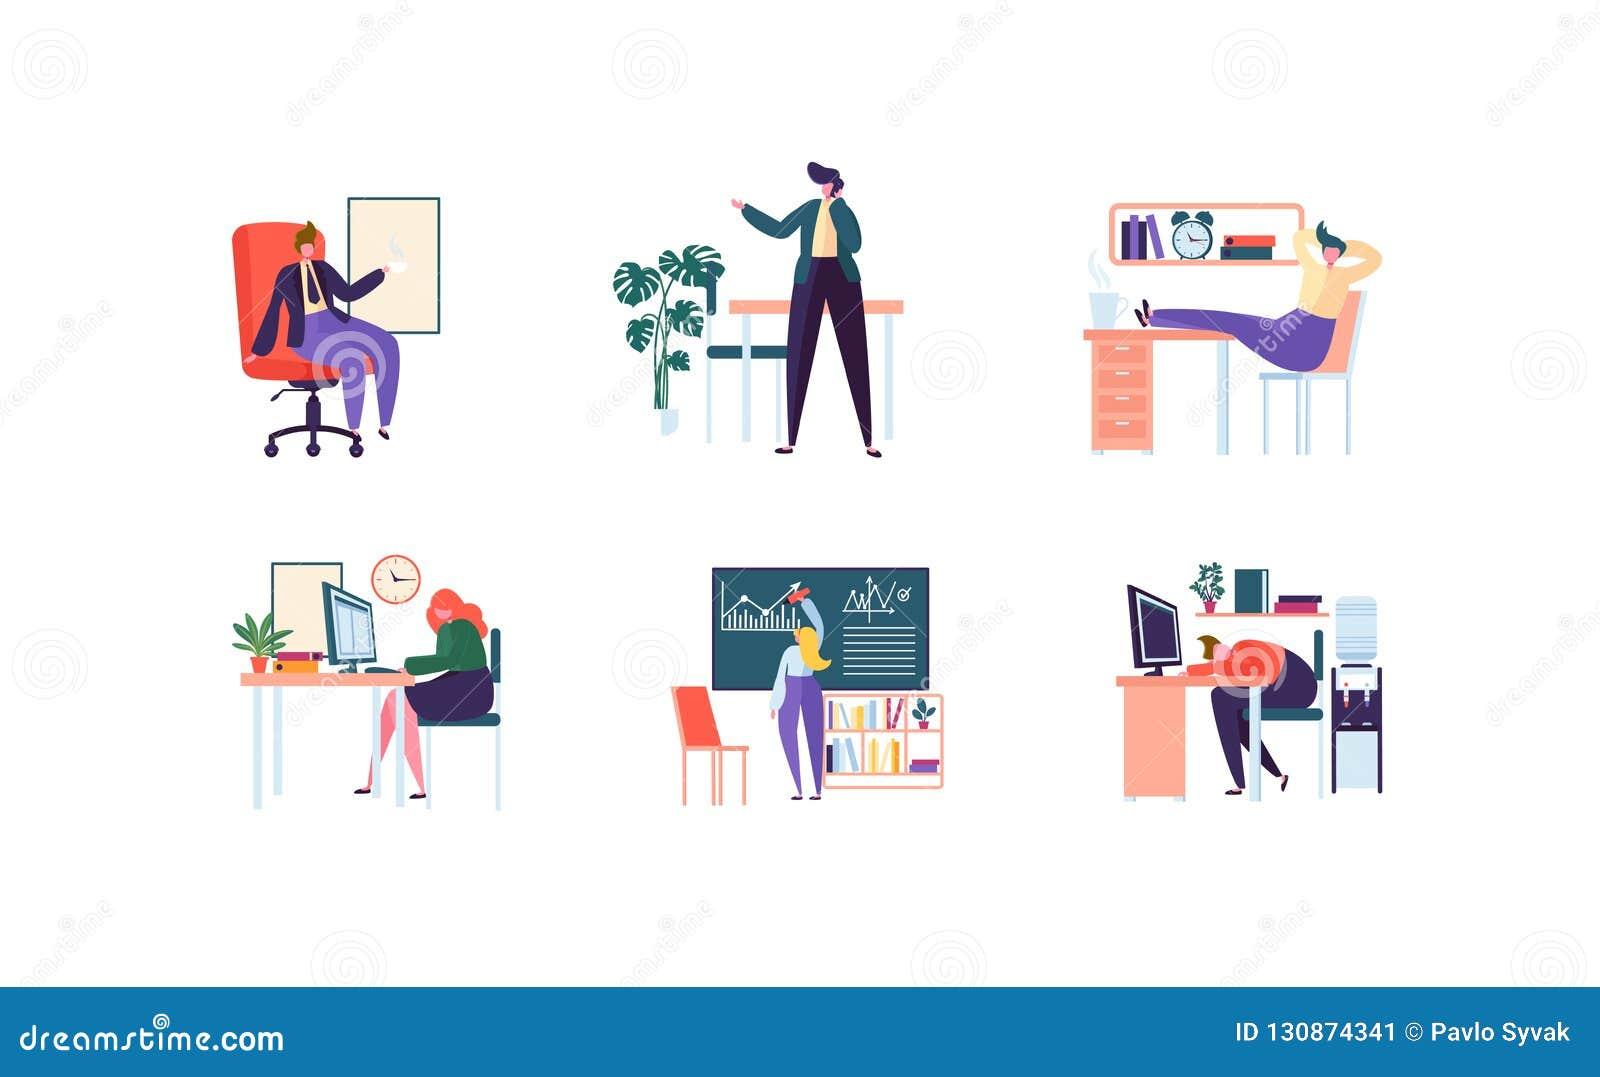 Bedrijfskarakters die in Bureau werken Collectieve Afdeling met Bedrijfsmensen Beheer, Organisatie, Werkplaats